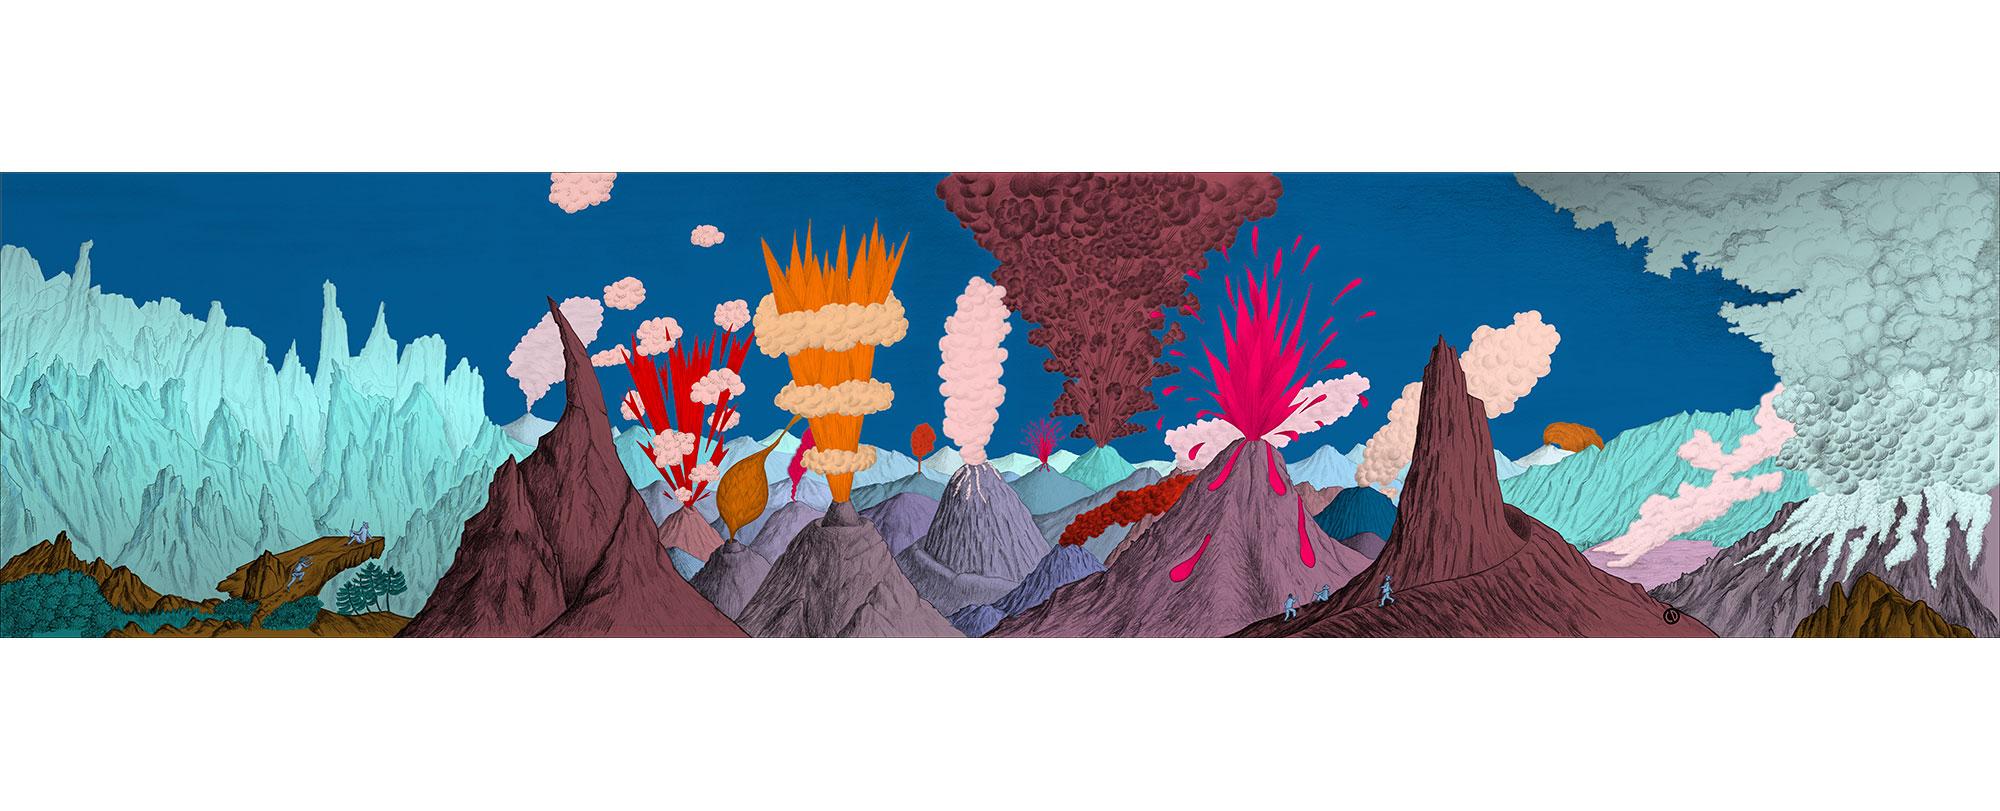 Dessin Paysage volcanique ciel bleu de Céline Dominiak